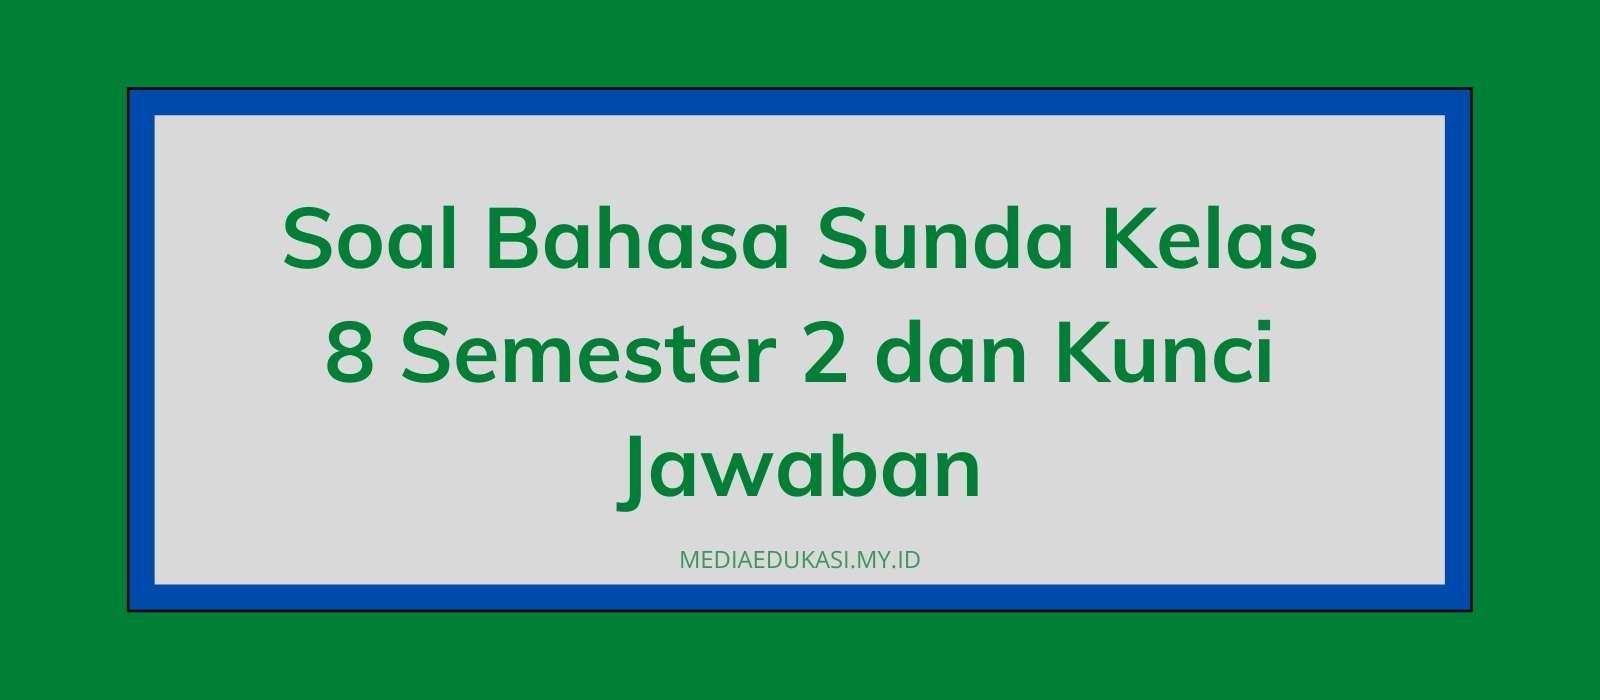 Soal Bahasa Sunda Kelas 8 Semester 2 dan Kunci Jawaban